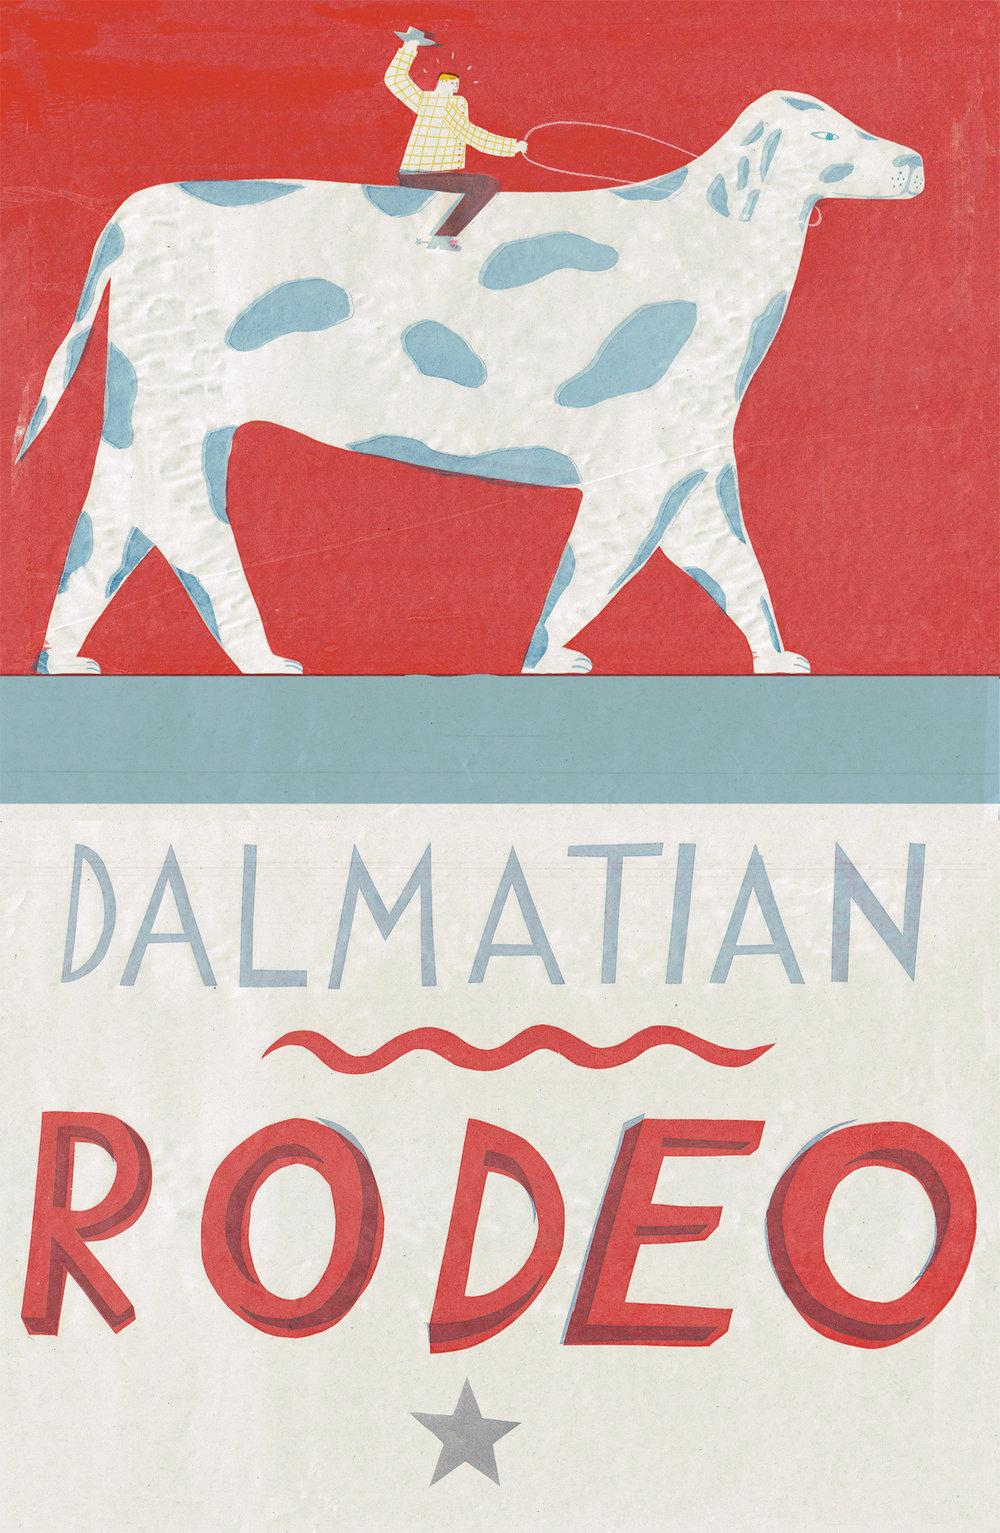 The-Dalmatian-rodeo_1305.jpg